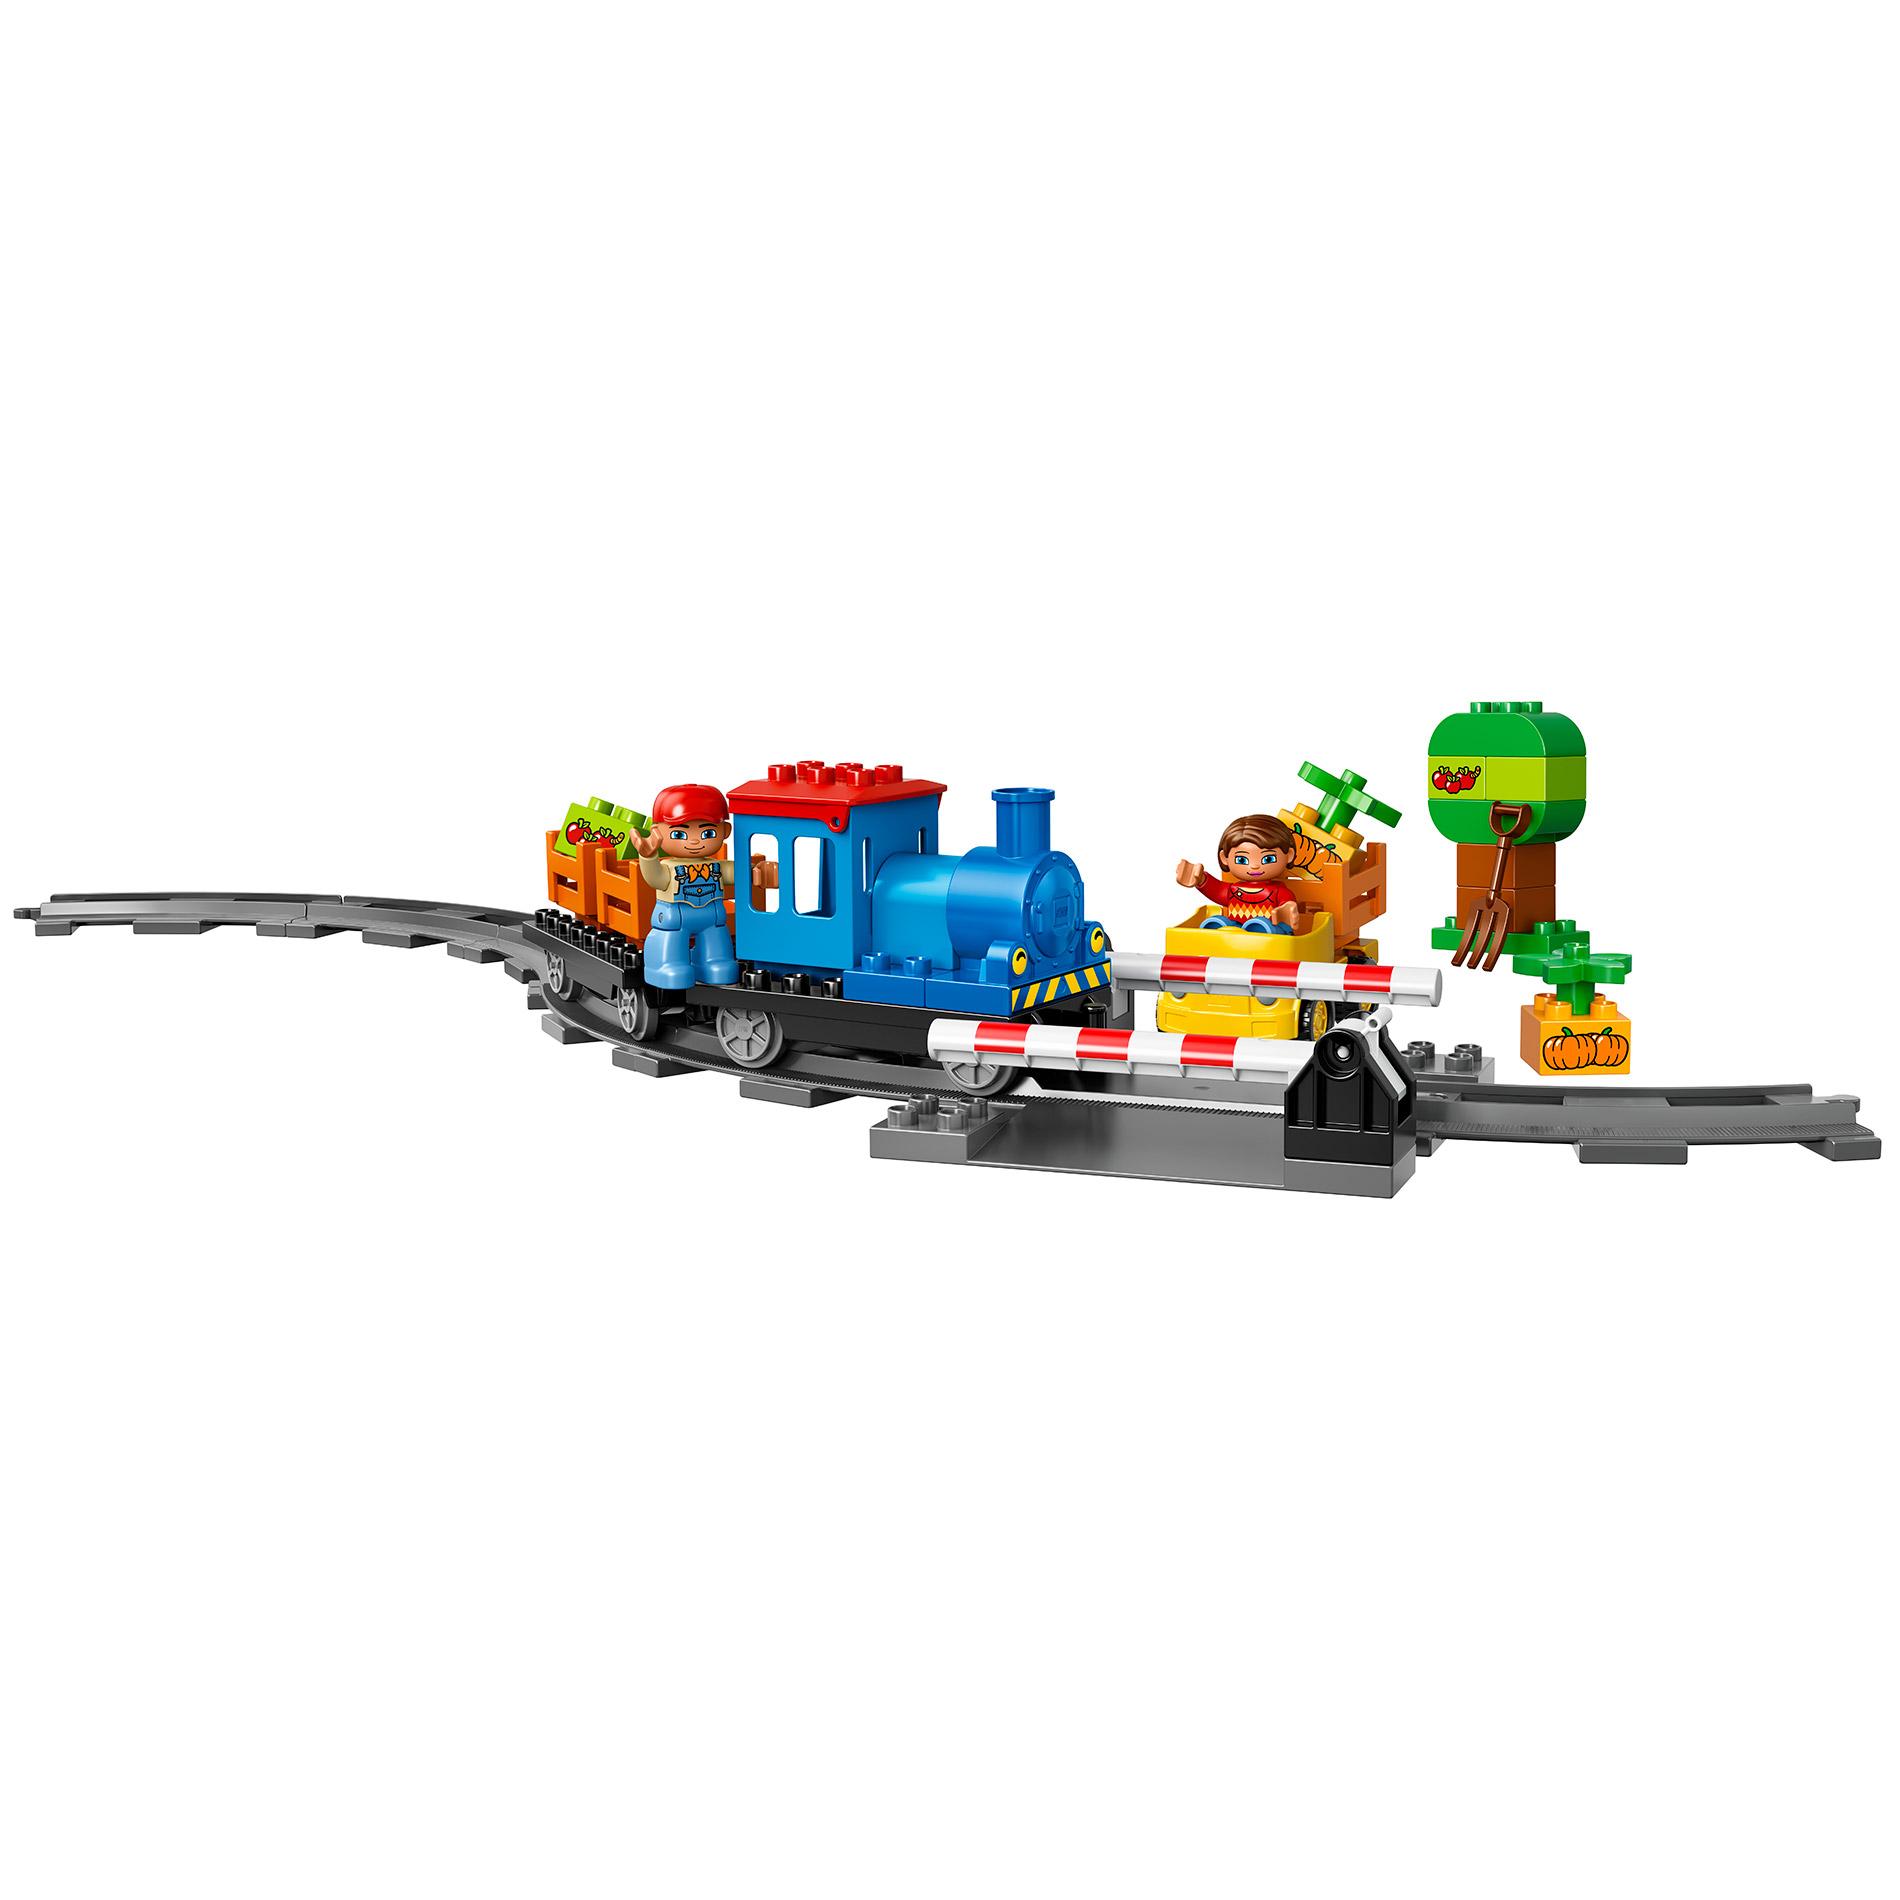 Tren impins 10810 LEGO...